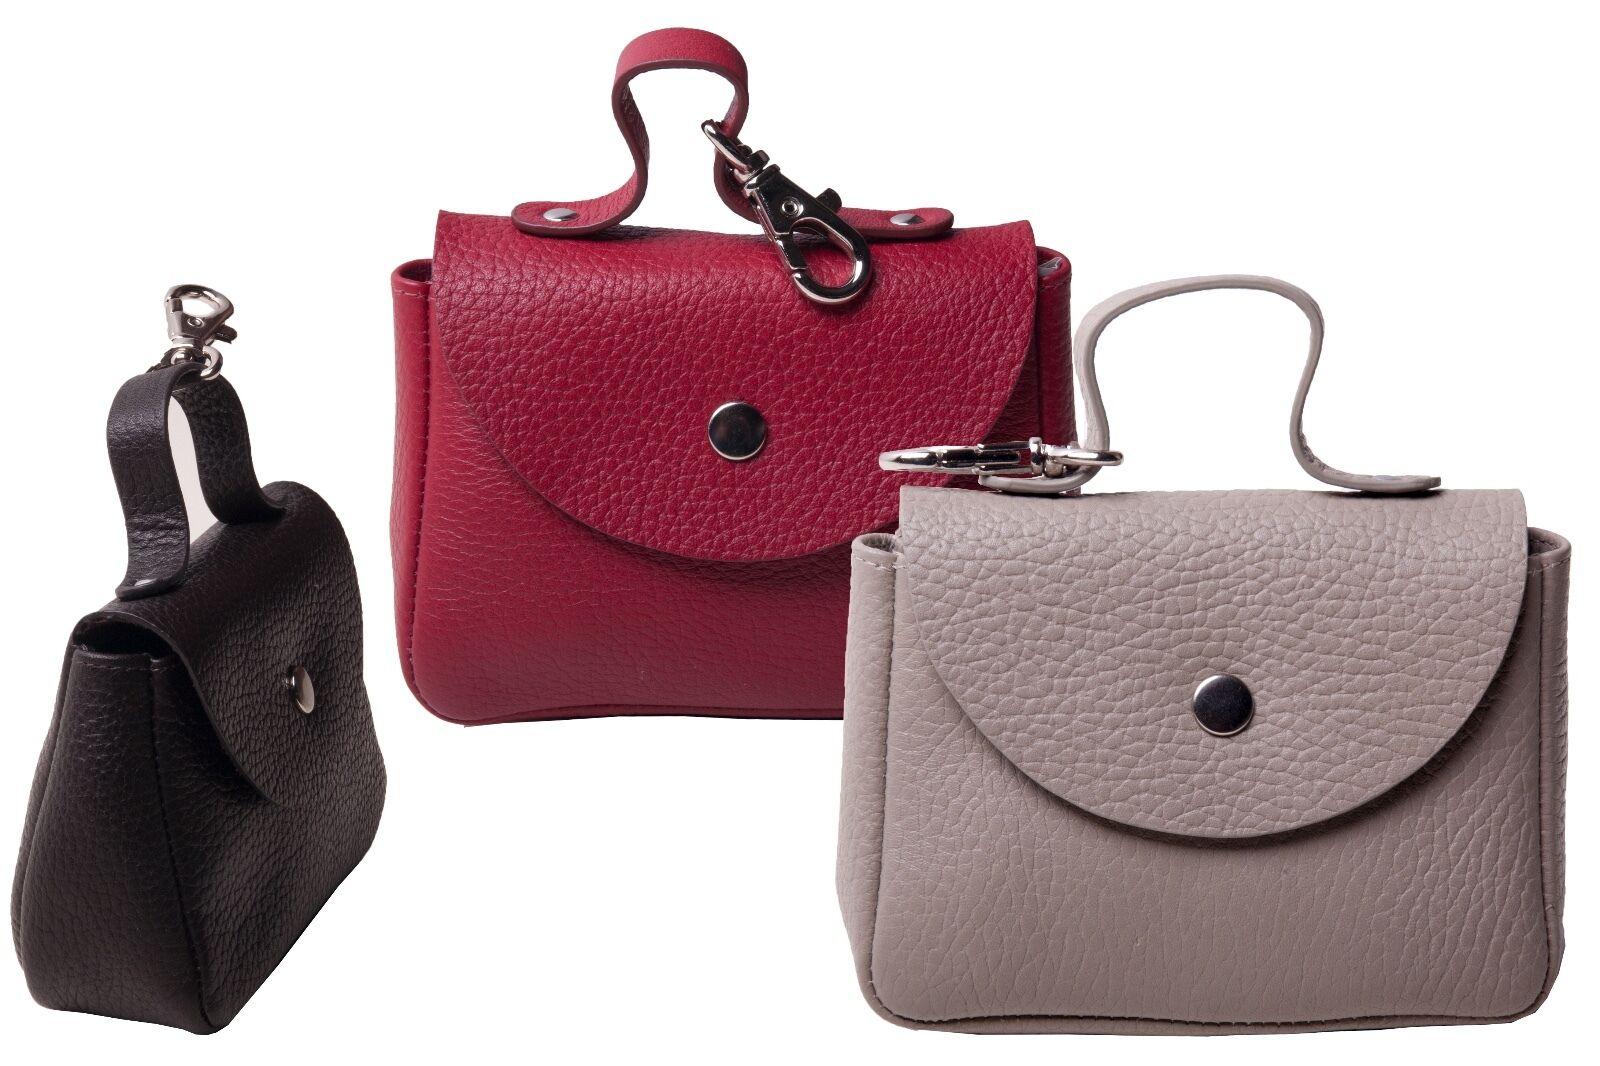 Handtaschenschmuck, Schlüsselanhänger, Schlüsseltasche - 100% Leder